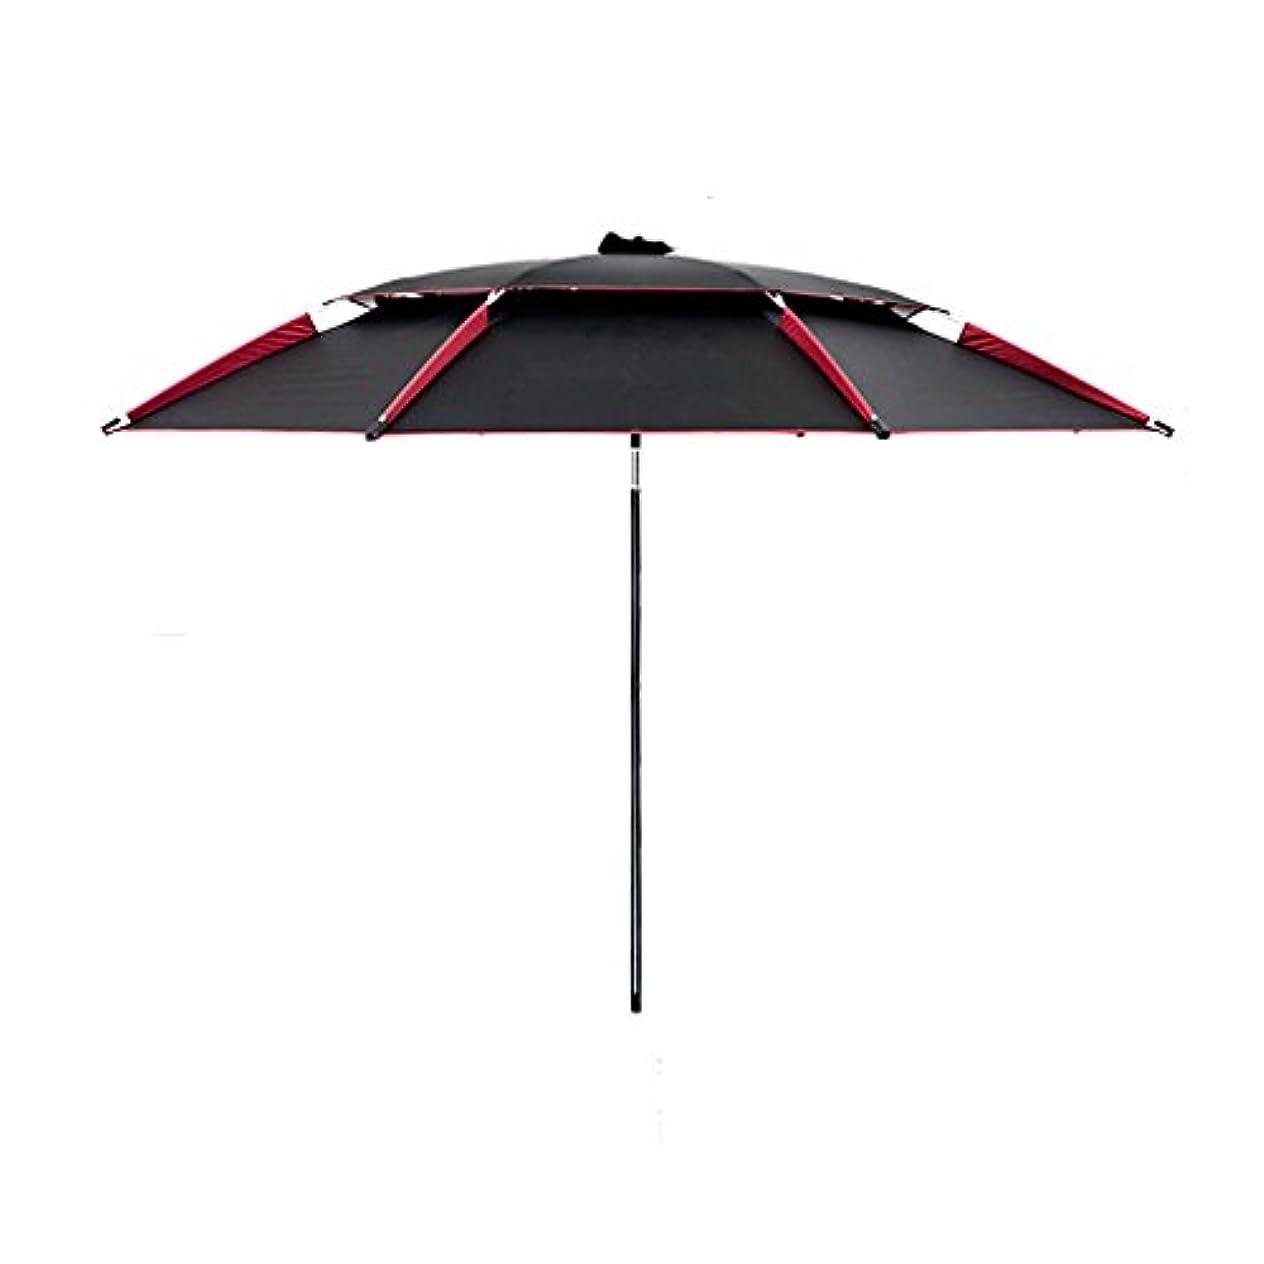 再集計マーガレットミッチェル見つけたLSS 屋外アンブレラ|釣り傘|傘| 2.2m | 2.4m |レインコート|サンスクリーン|アウトドア|パラソル|折りたたみ|釣り傘|アウトドア|釣りタックル (色 : ブラック, サイズ さいず : 220cm)